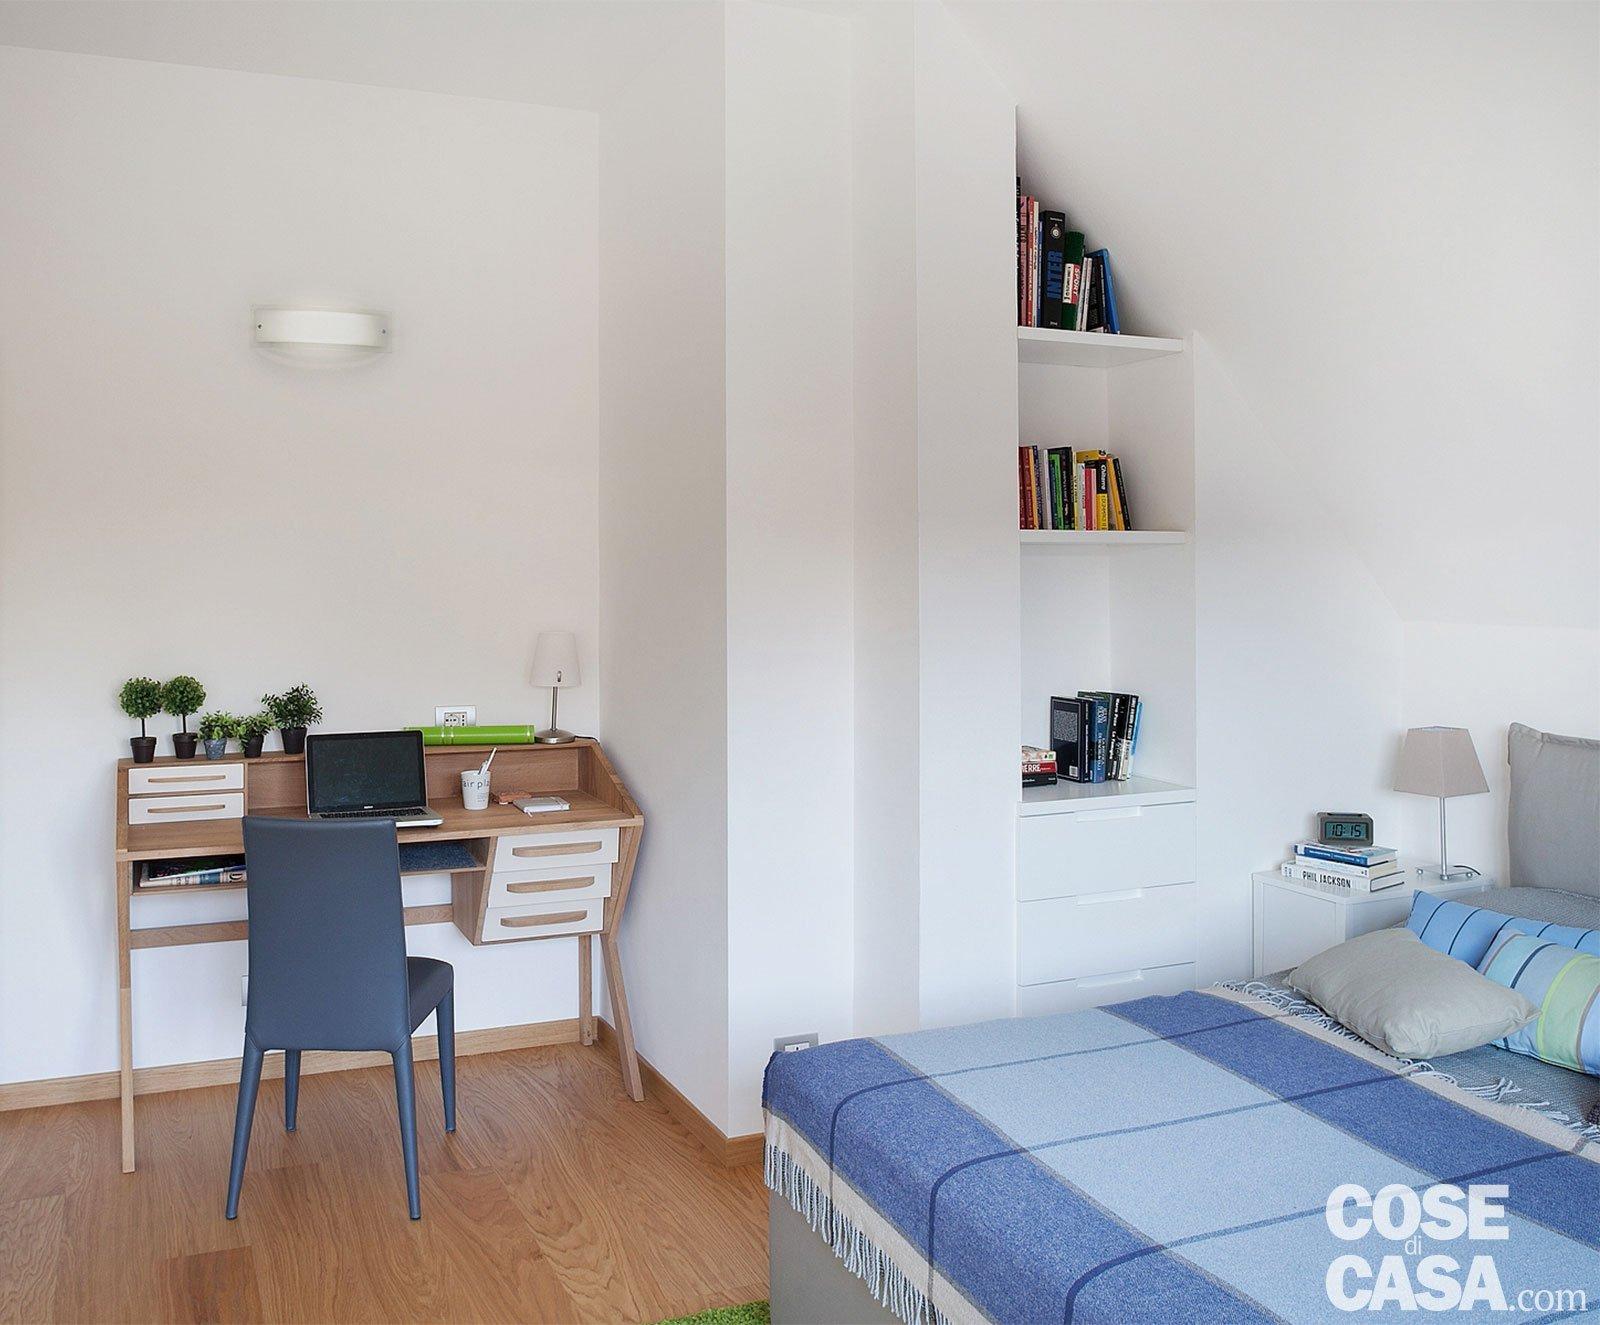 Cucina a vista sul soggiorno nel sottotetto con terrazzi a tasca ...